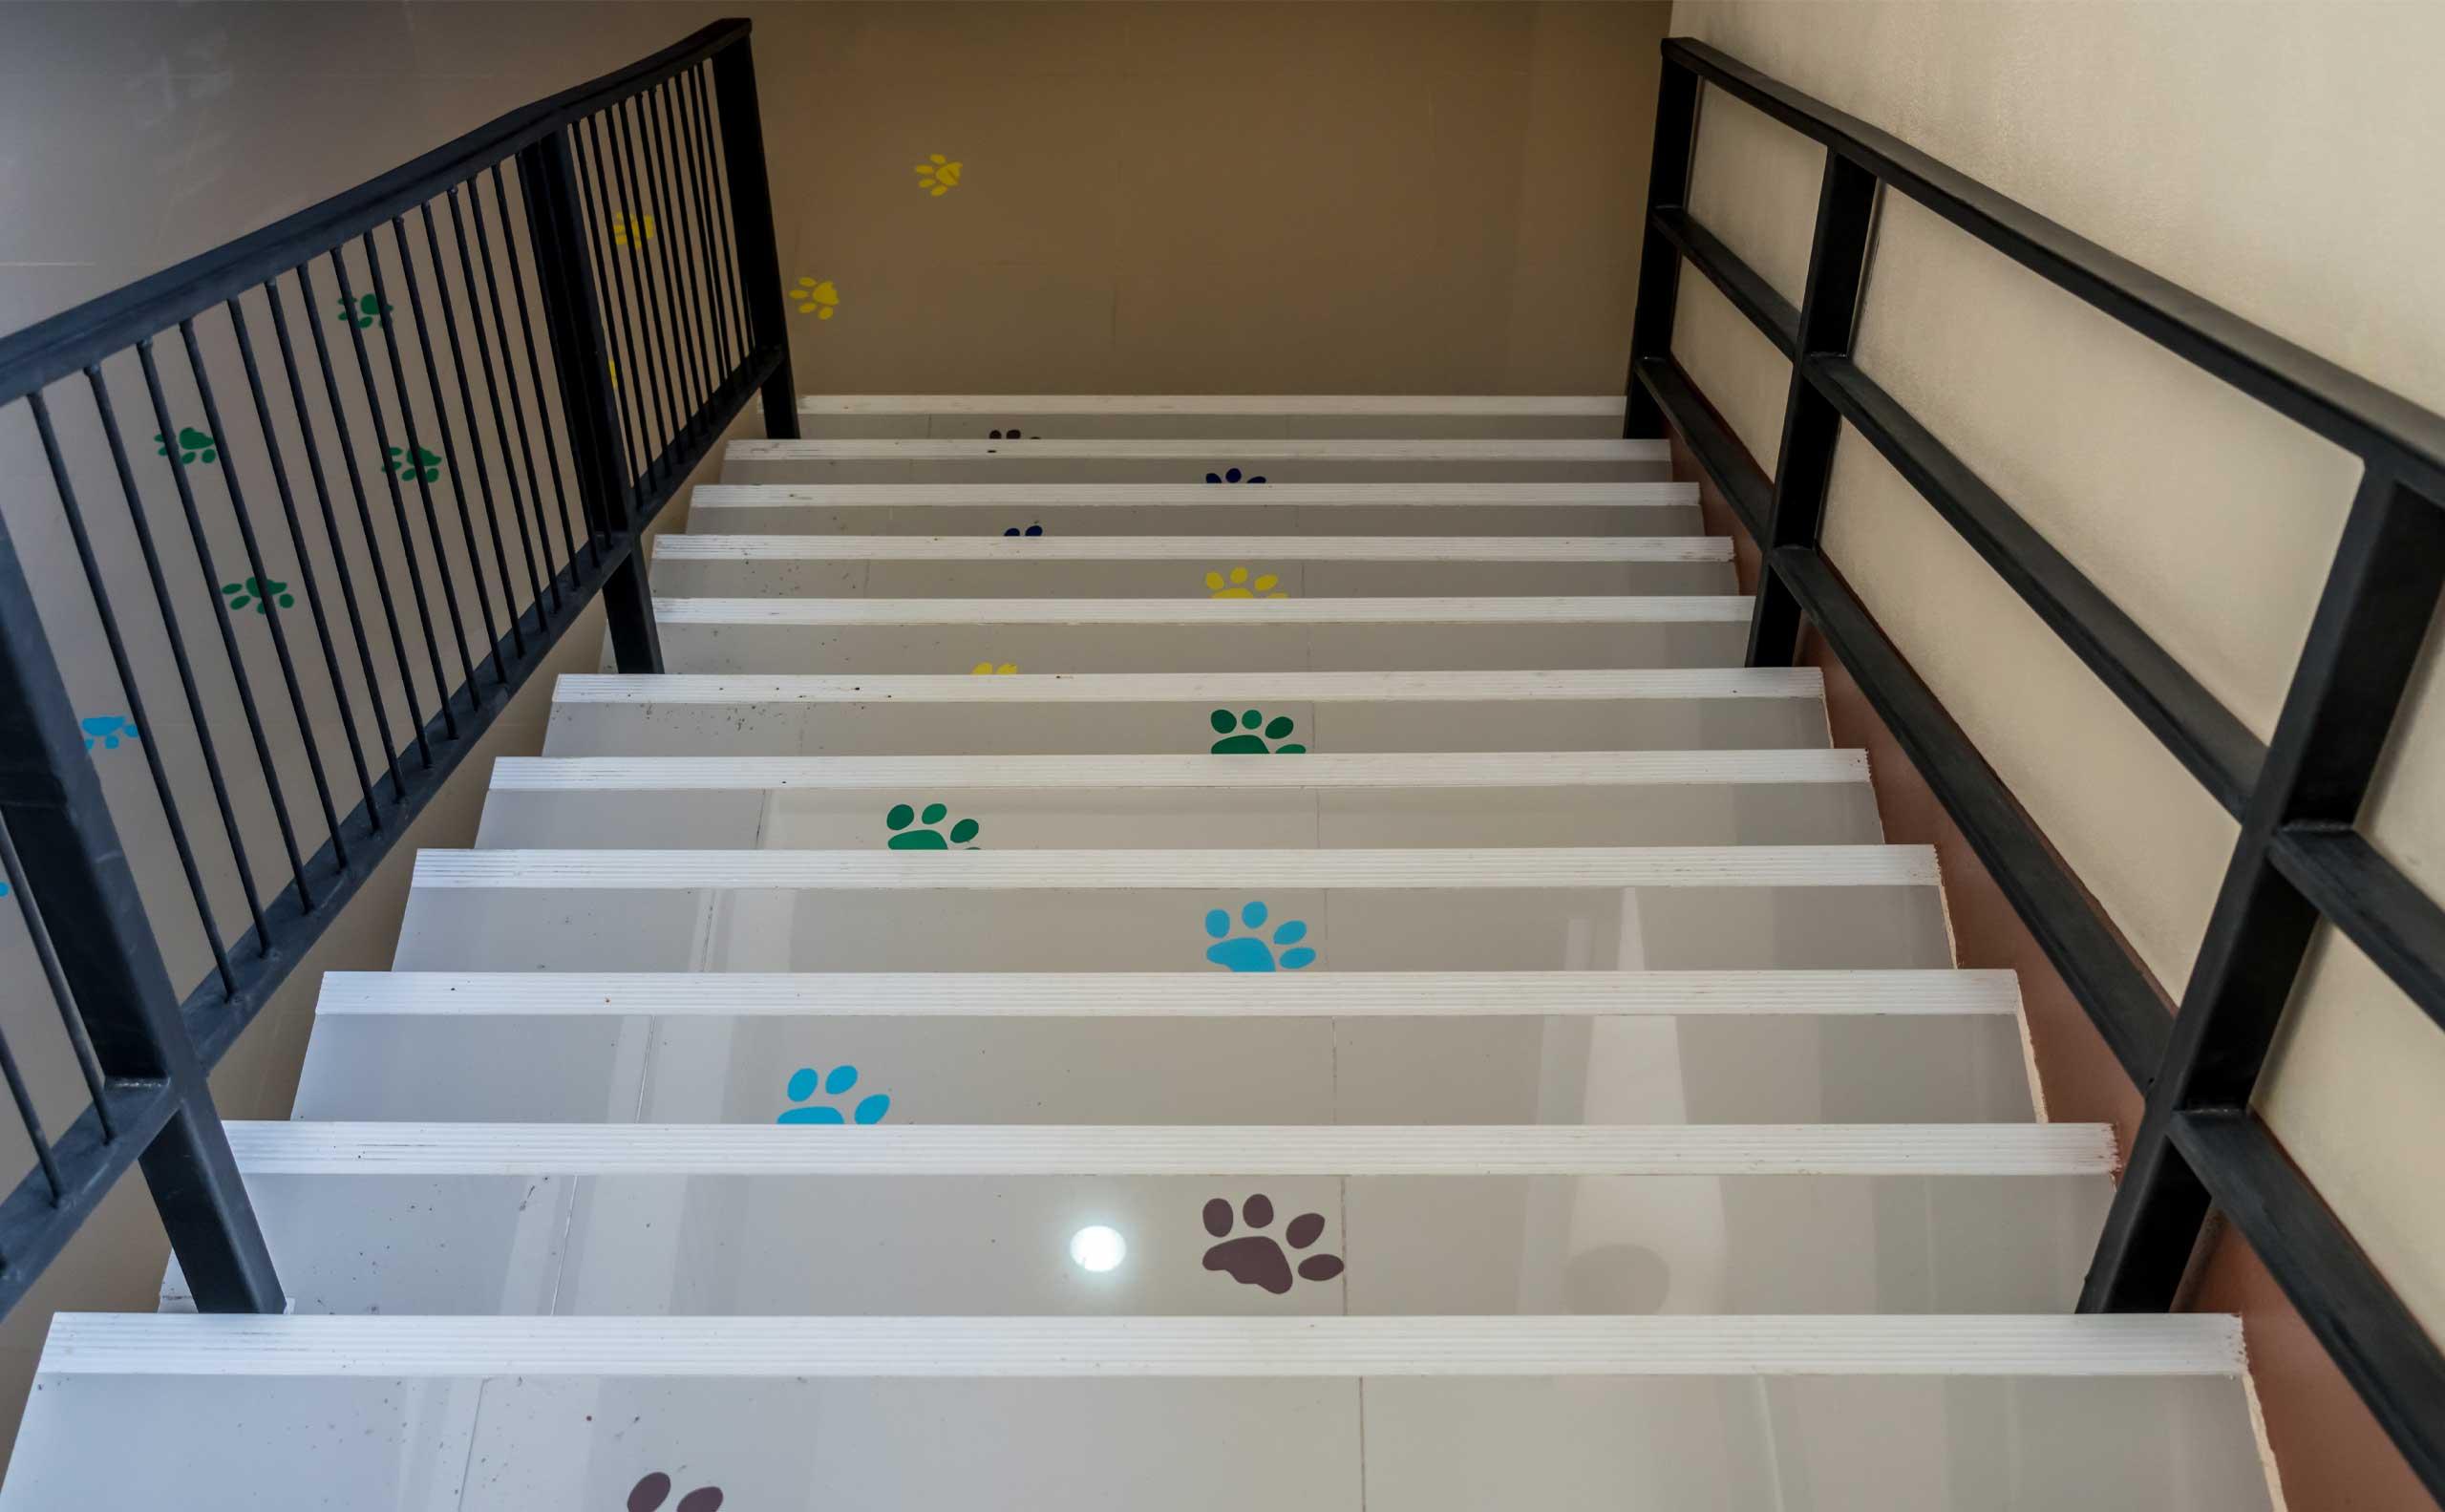 Floor decals of pawprints